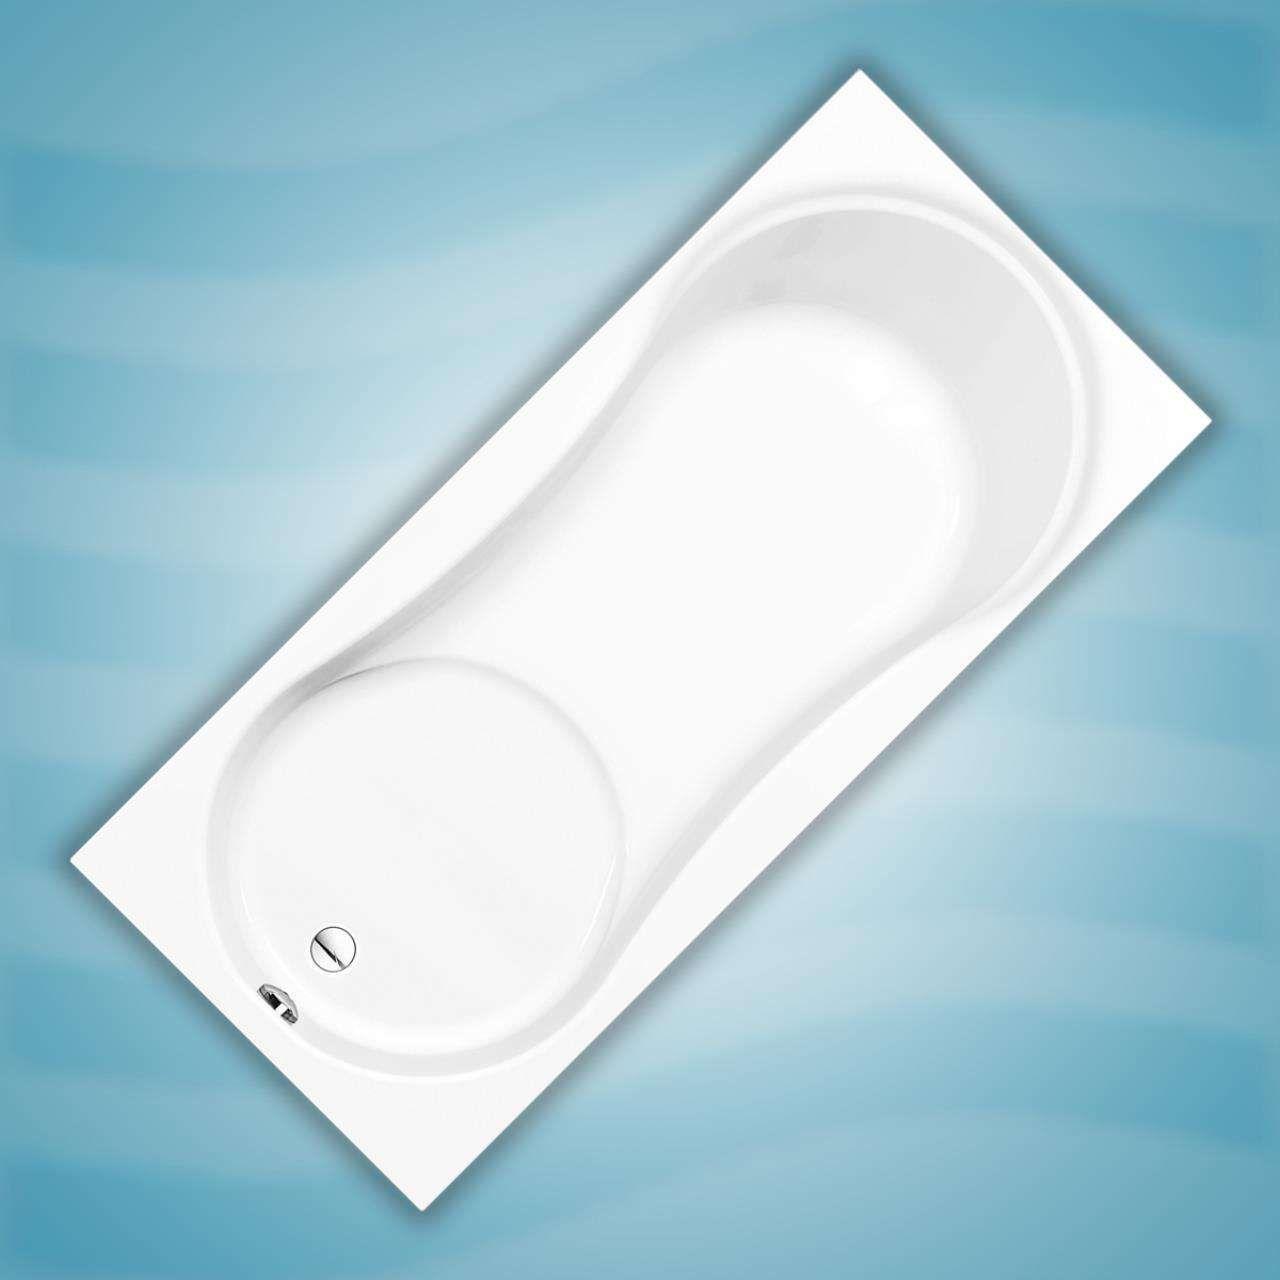 Dusche Und Badewanne In Einem Unsere Rechteckbadewanne Abisko Wurde Extra Als Allrounder Im Badezimmer Gestaltet In 2020 Badezimmer Gestalten Duschbadewanne Badewanne